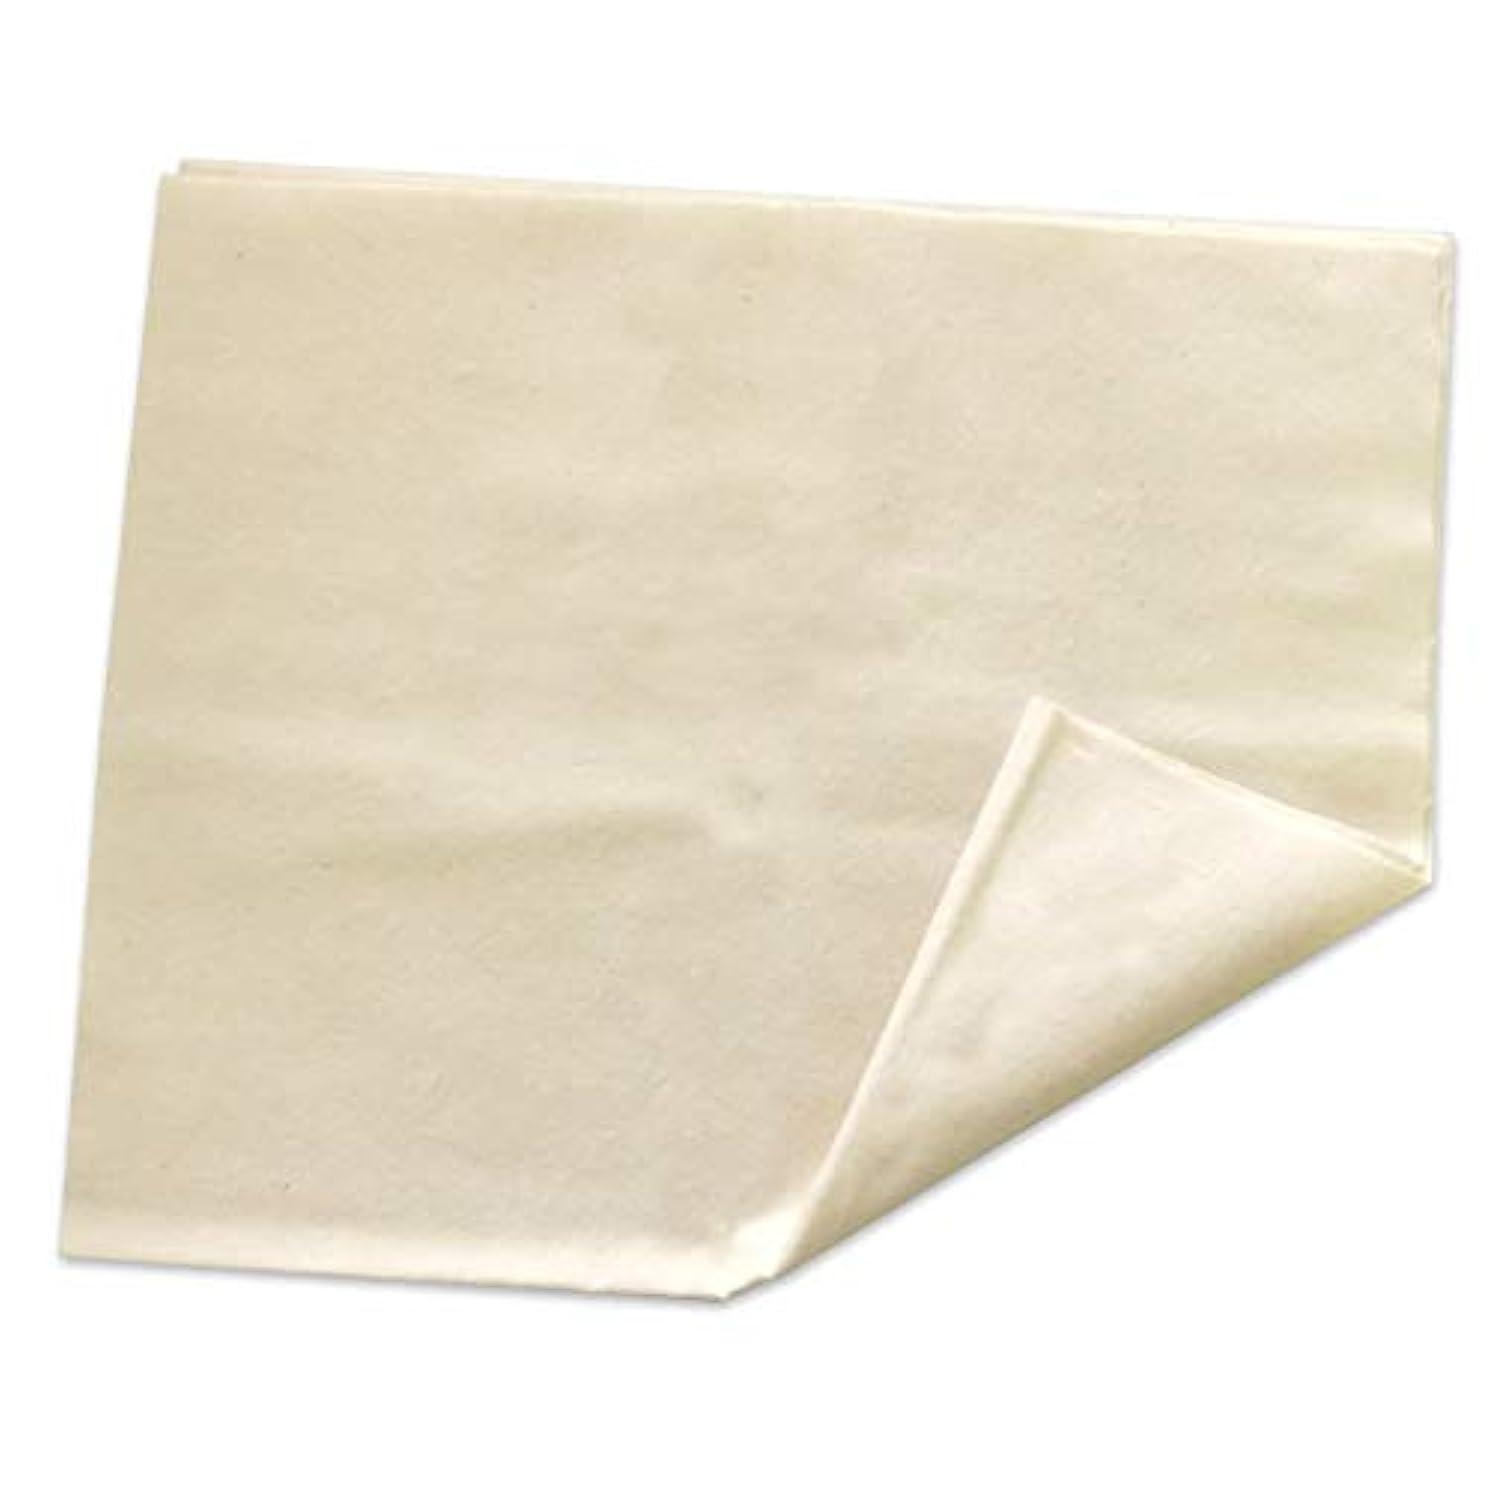 アッパー巻き戻す間コットンフランネル (コットンネル生地、綿100%、ヒマシ油パック、パック、ひまし油パック)